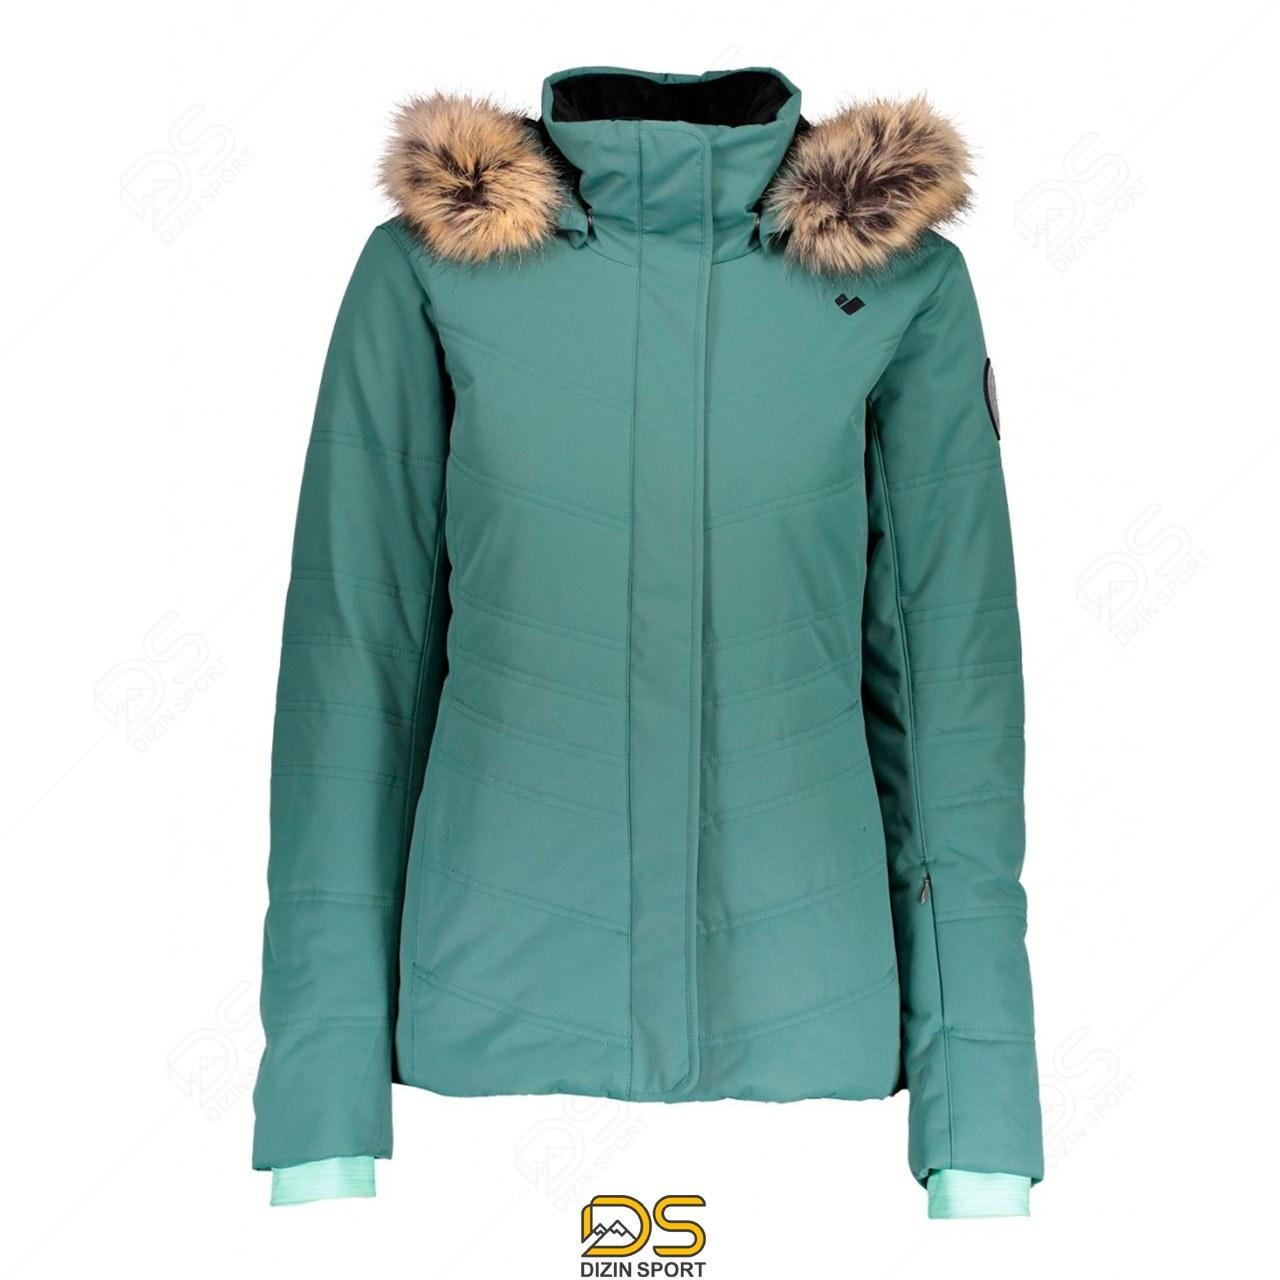 تصویر کاپشن زنانه اسکی Obermeyer مدل Tuscany II Jacket